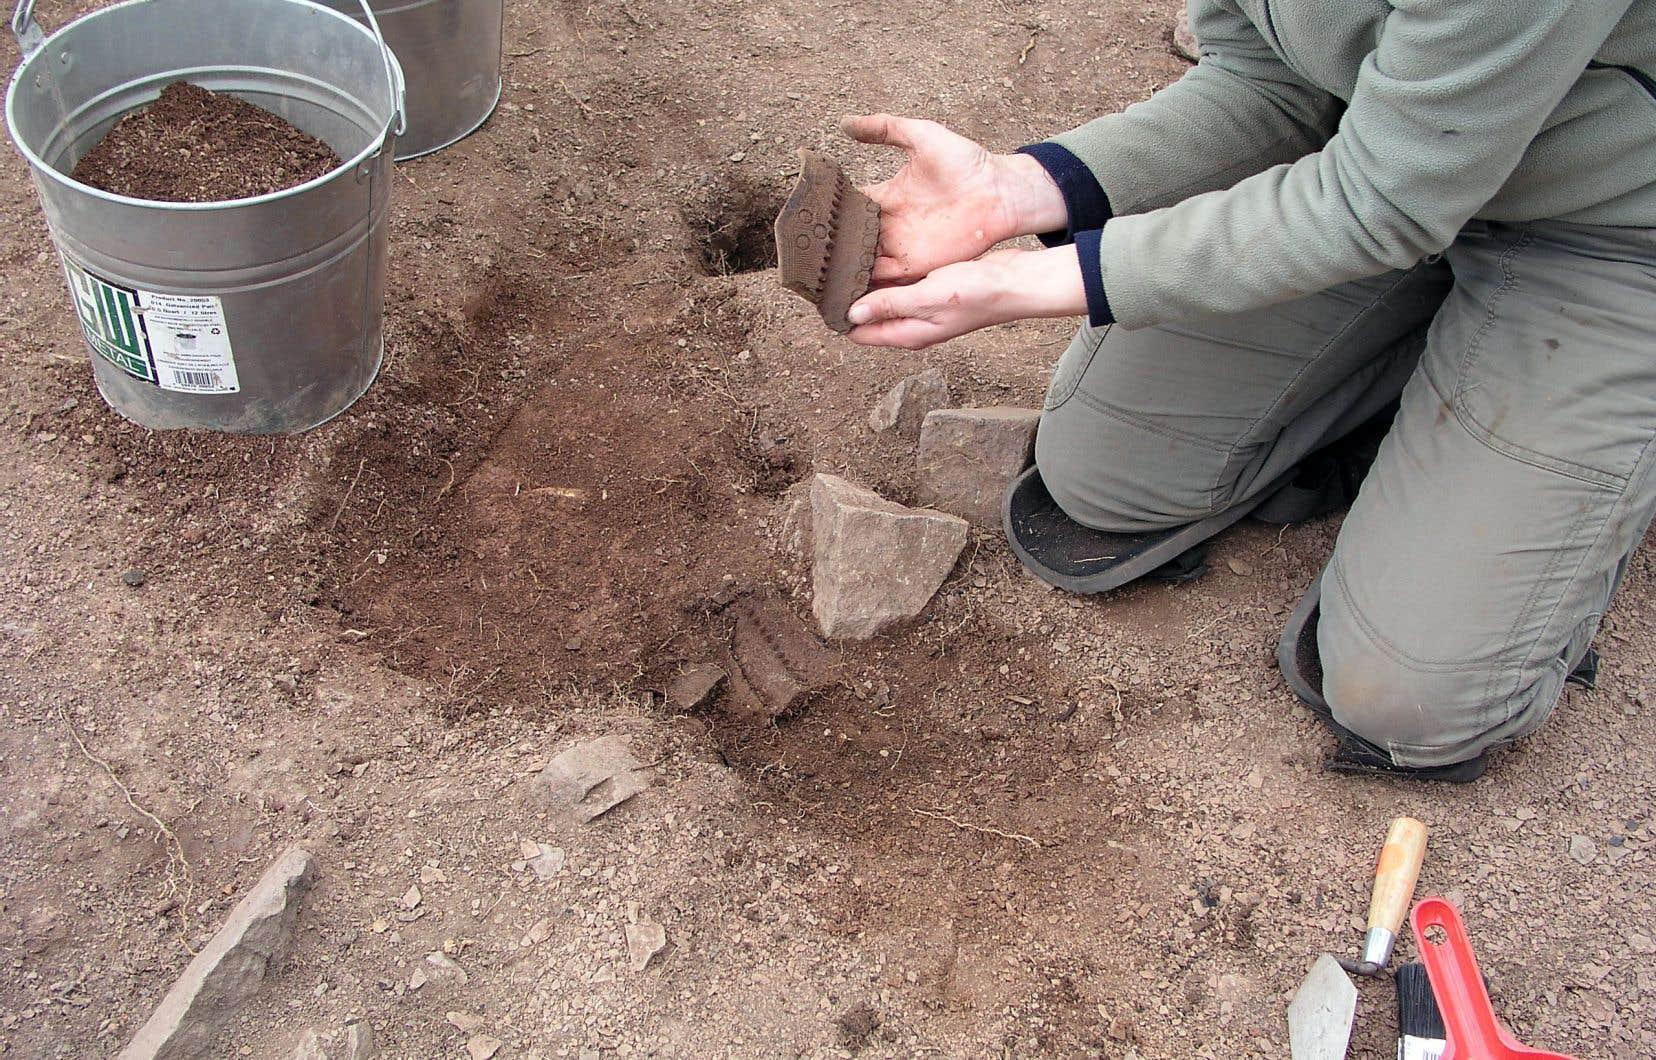 Des fouilles intensives ont eu lieu sur le site entre 2006 et 2008, permettant de récupérer 5000 artefacts.